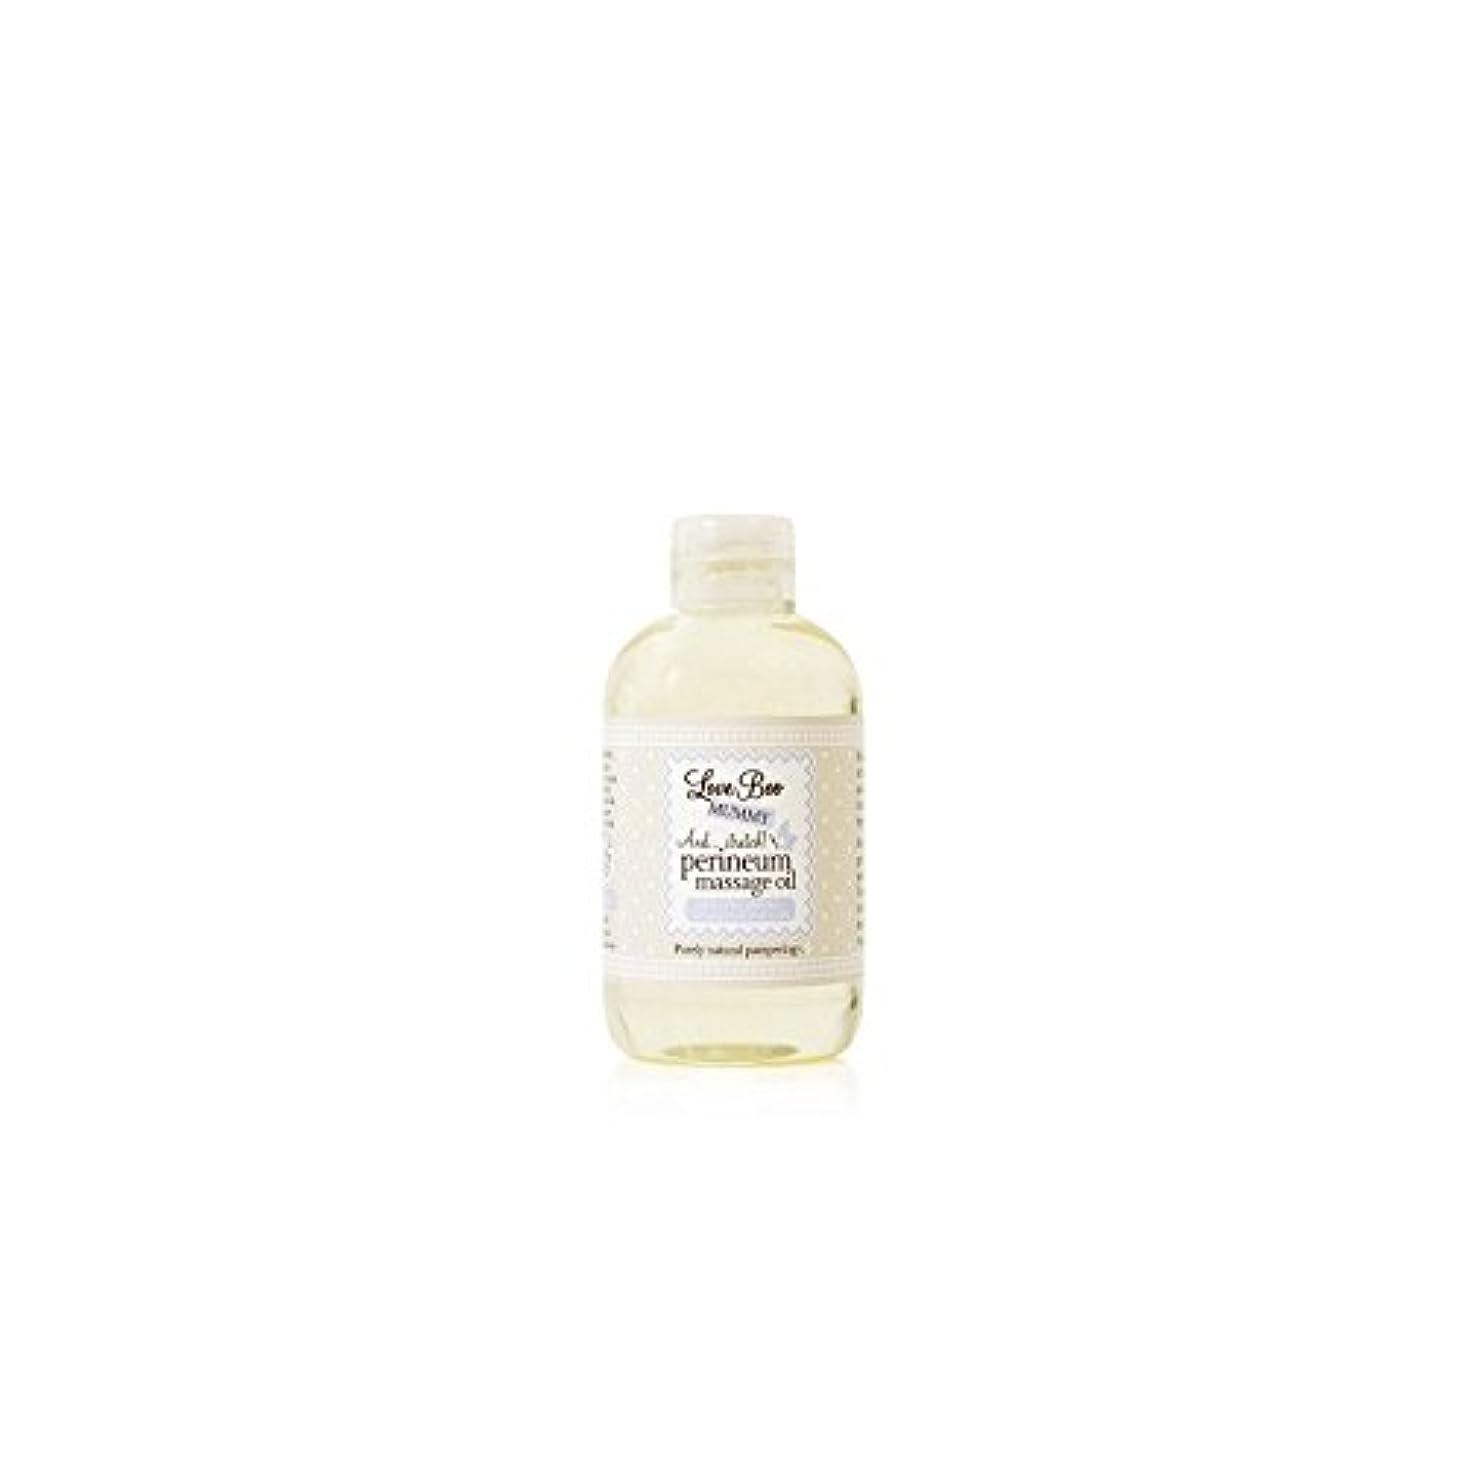 メトロポリタン略奪七時半Love Boo Perineum Massage Oil (100ml) - 会陰マッサージオイル(100)にブーイングの愛 [並行輸入品]